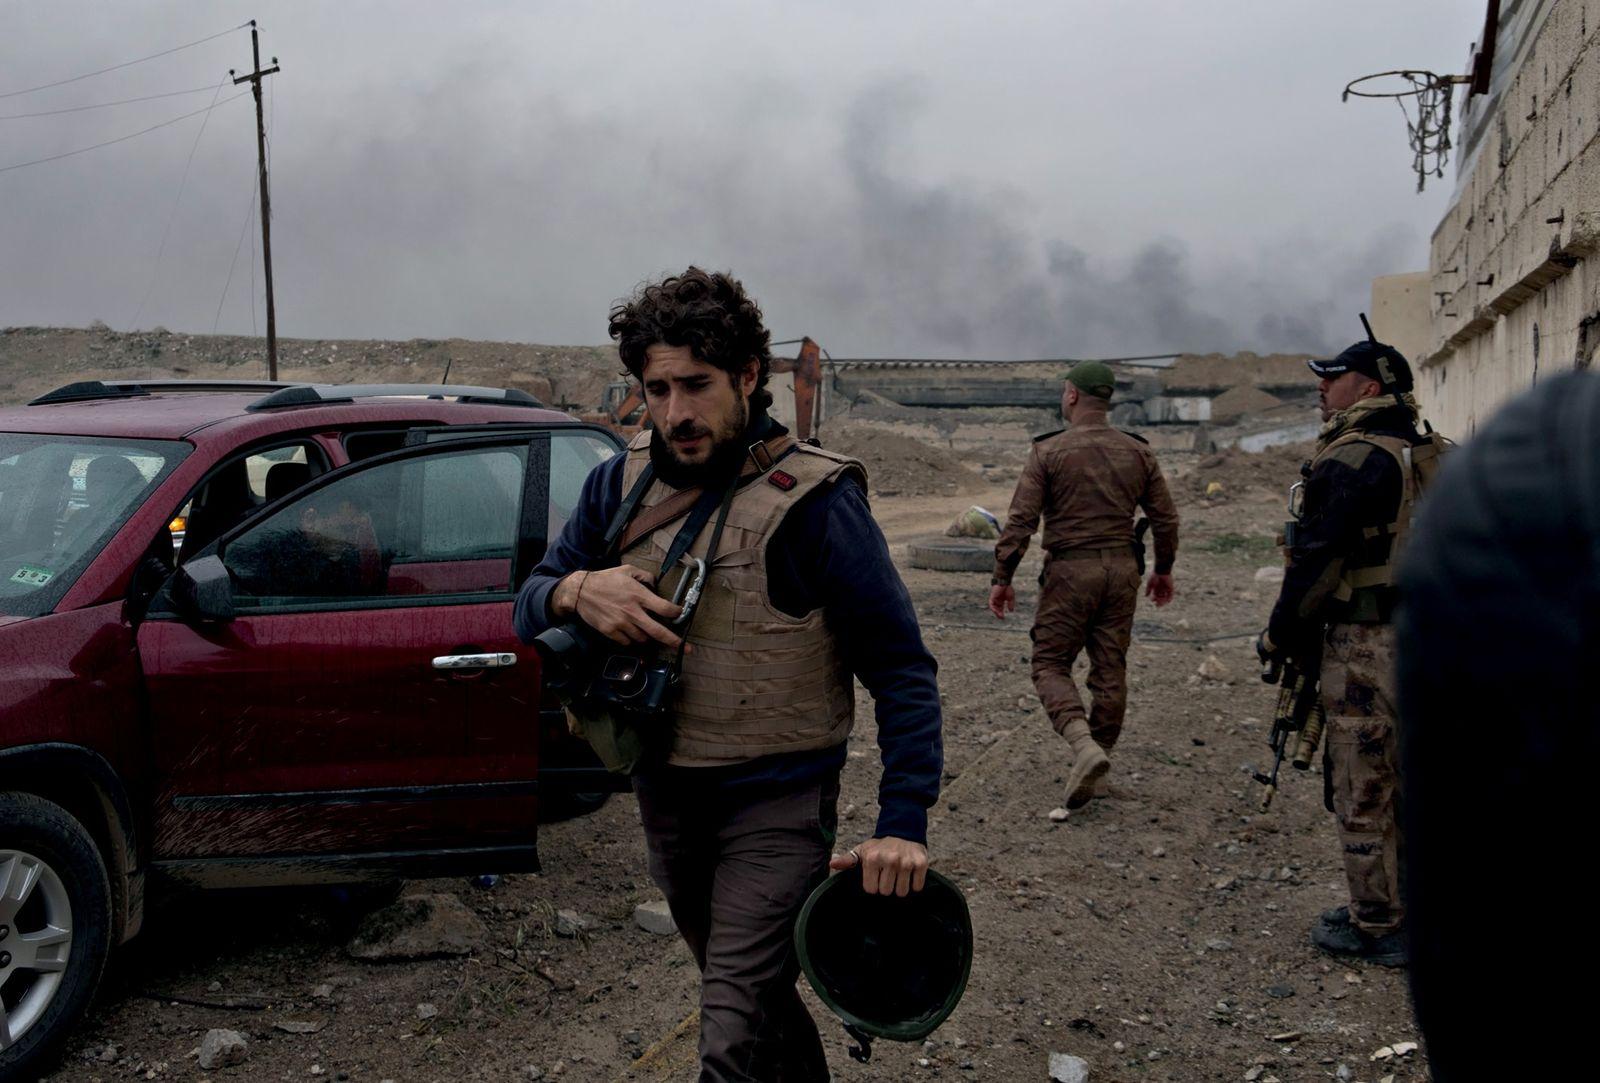 FOTOS: O improvável cotidiano dos fotógrafos de guerra